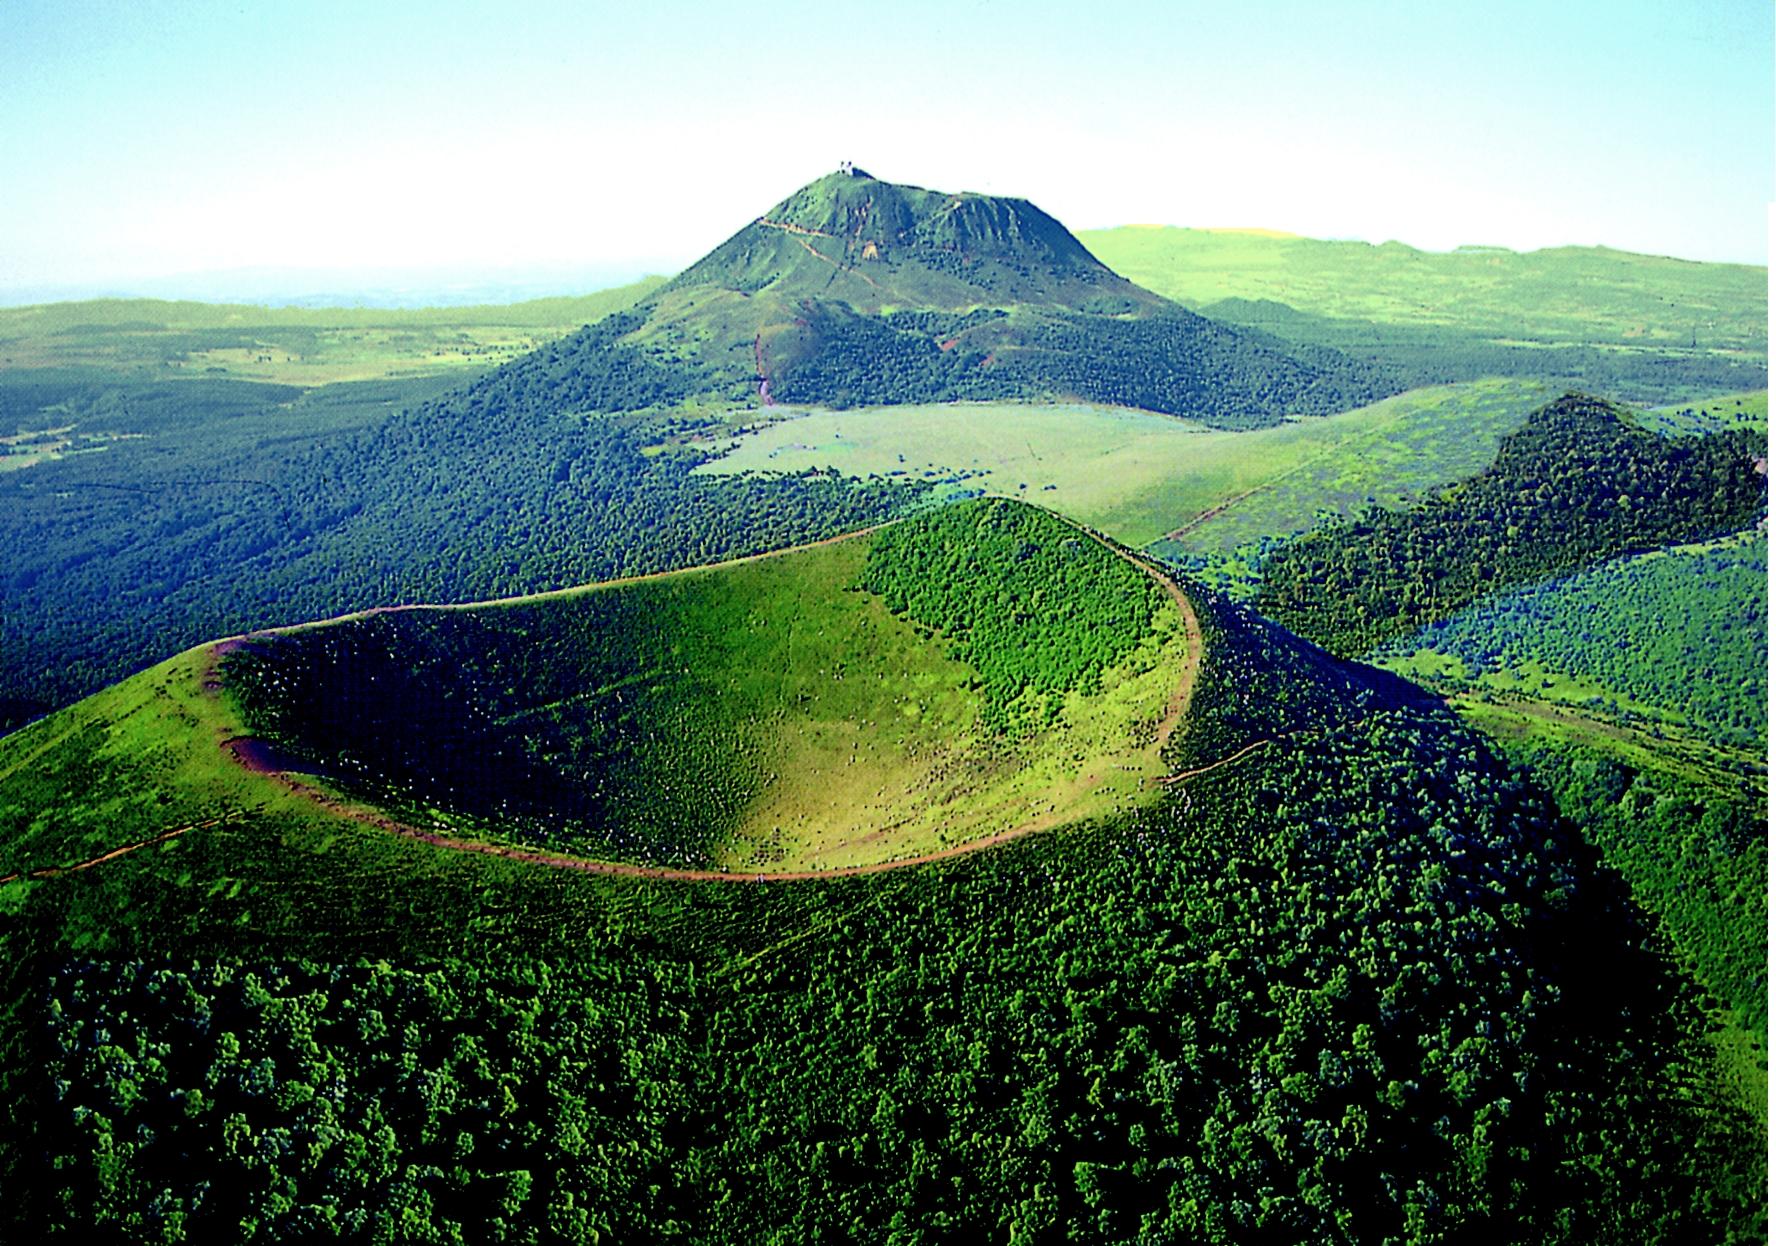 Paysage Auvergne - Cratère d'un volcan